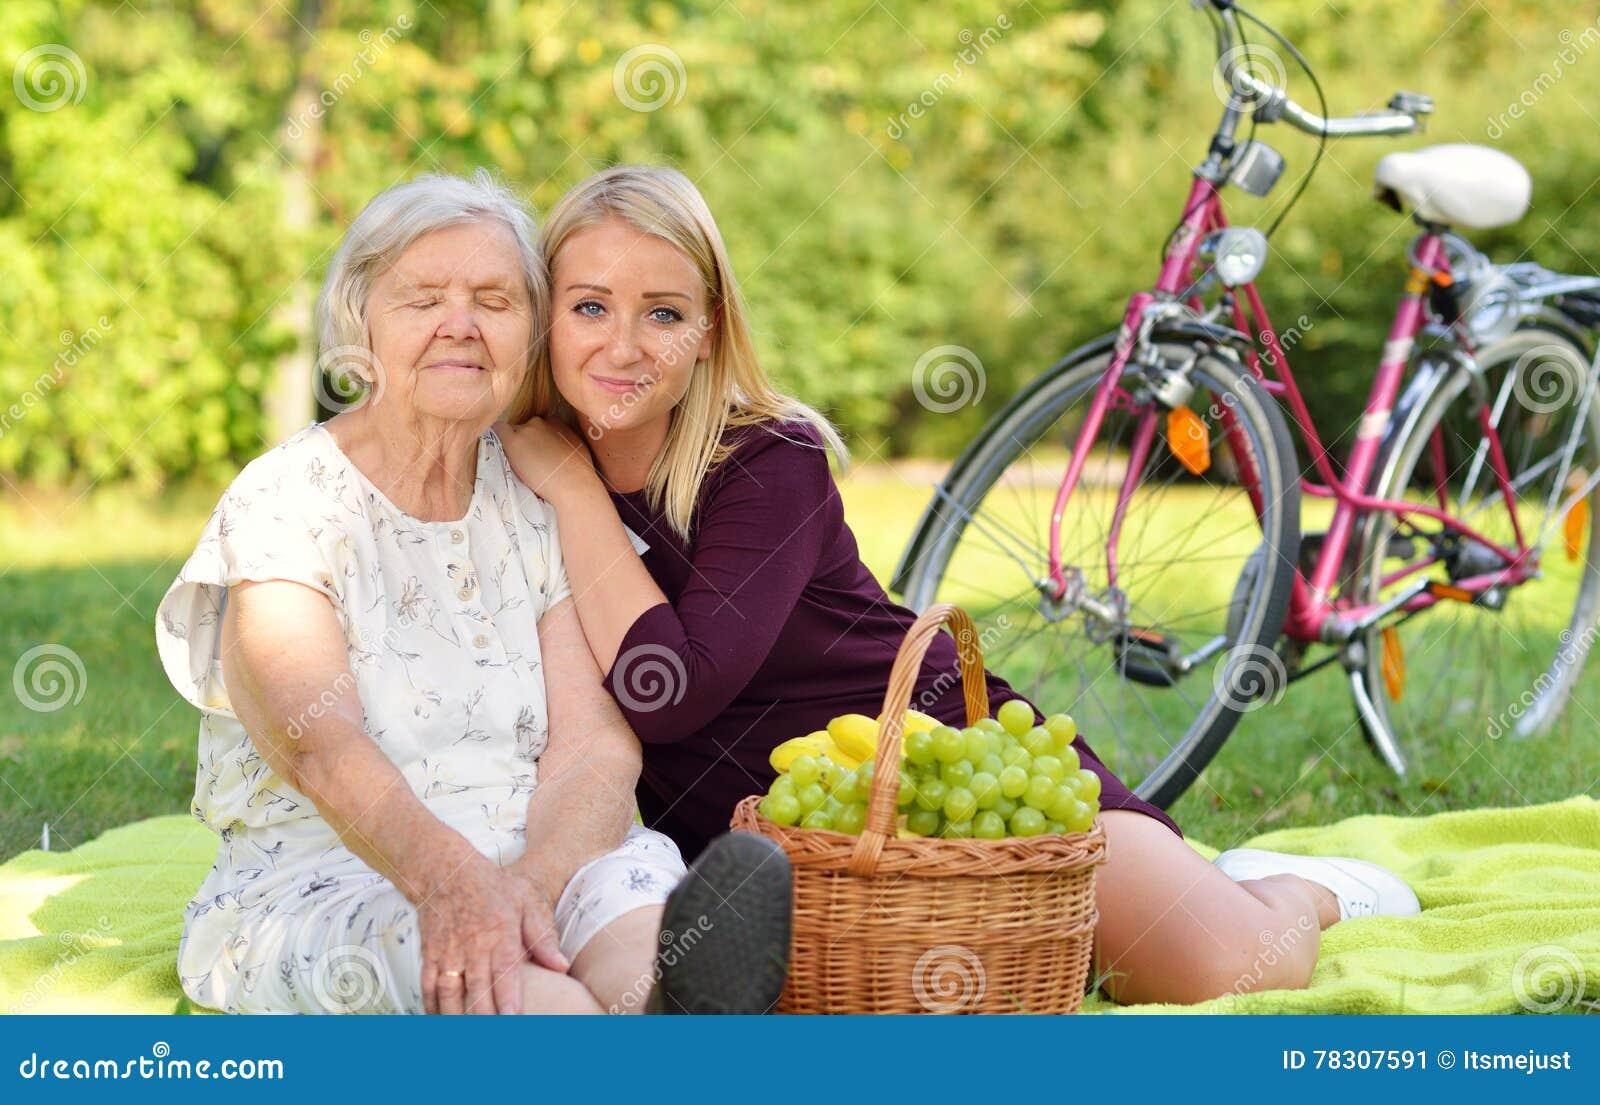 Фото женщин на пикнике #6